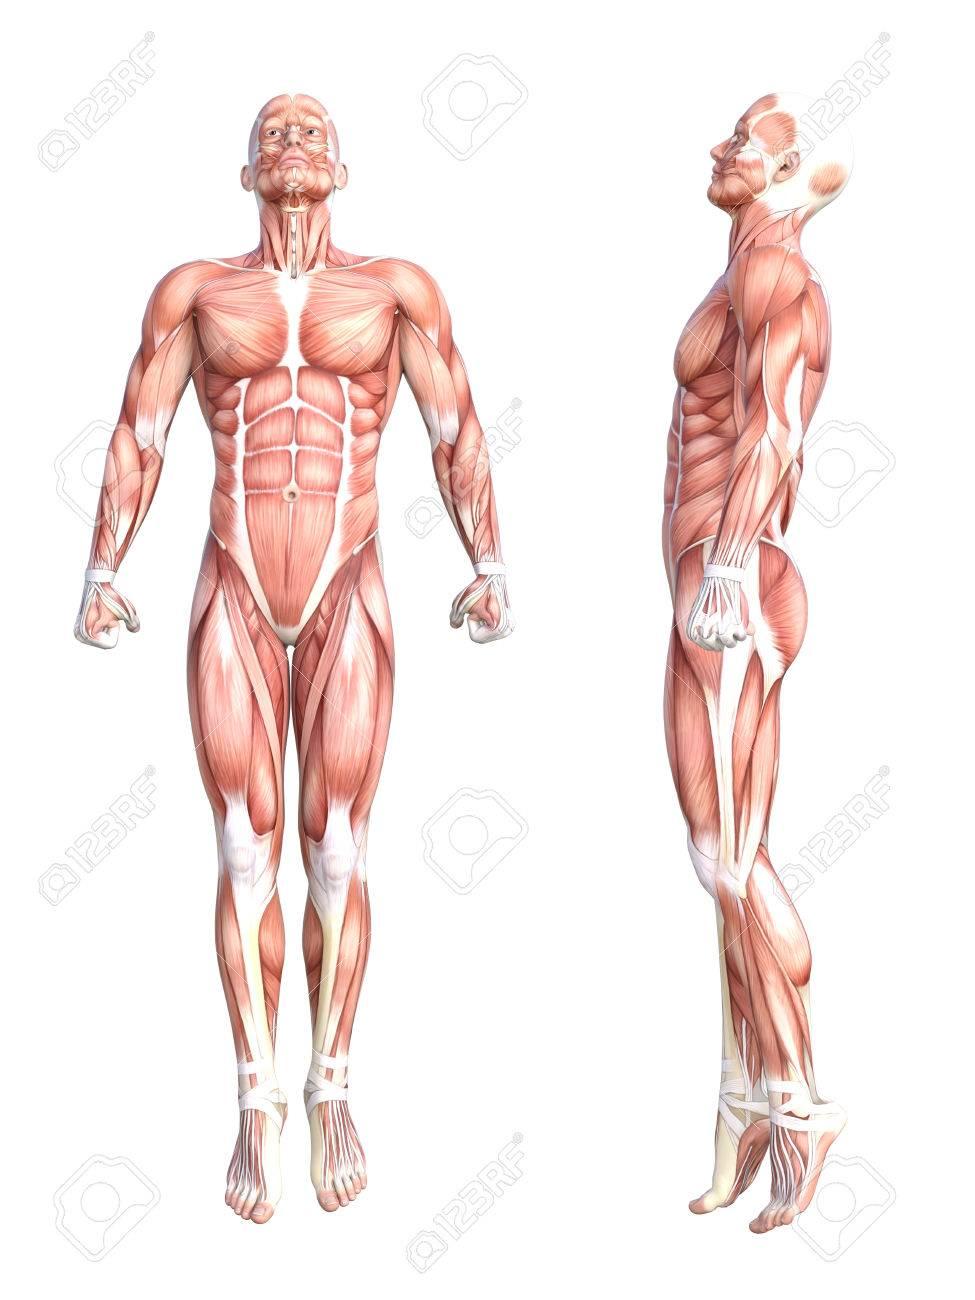 Großartig Anatomie Des Blutgefäßes Ausübt 32 Bilder - Menschliche ...